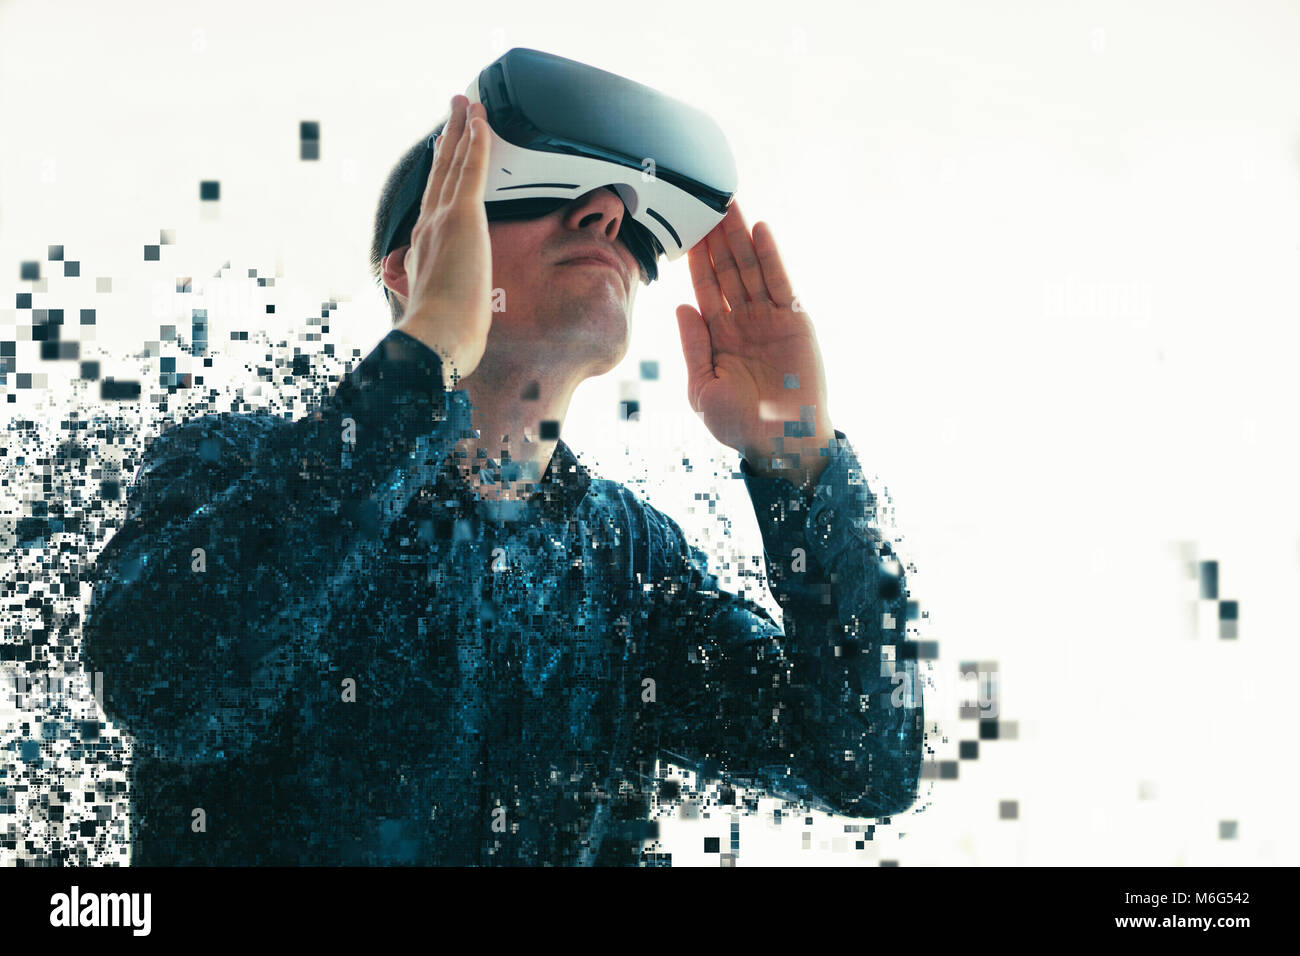 Eine Person in virtuellen Gläser fliegt in Pixel. Der Mann mit der Brille der Virtuellen Realität. Zukunft Stockbild